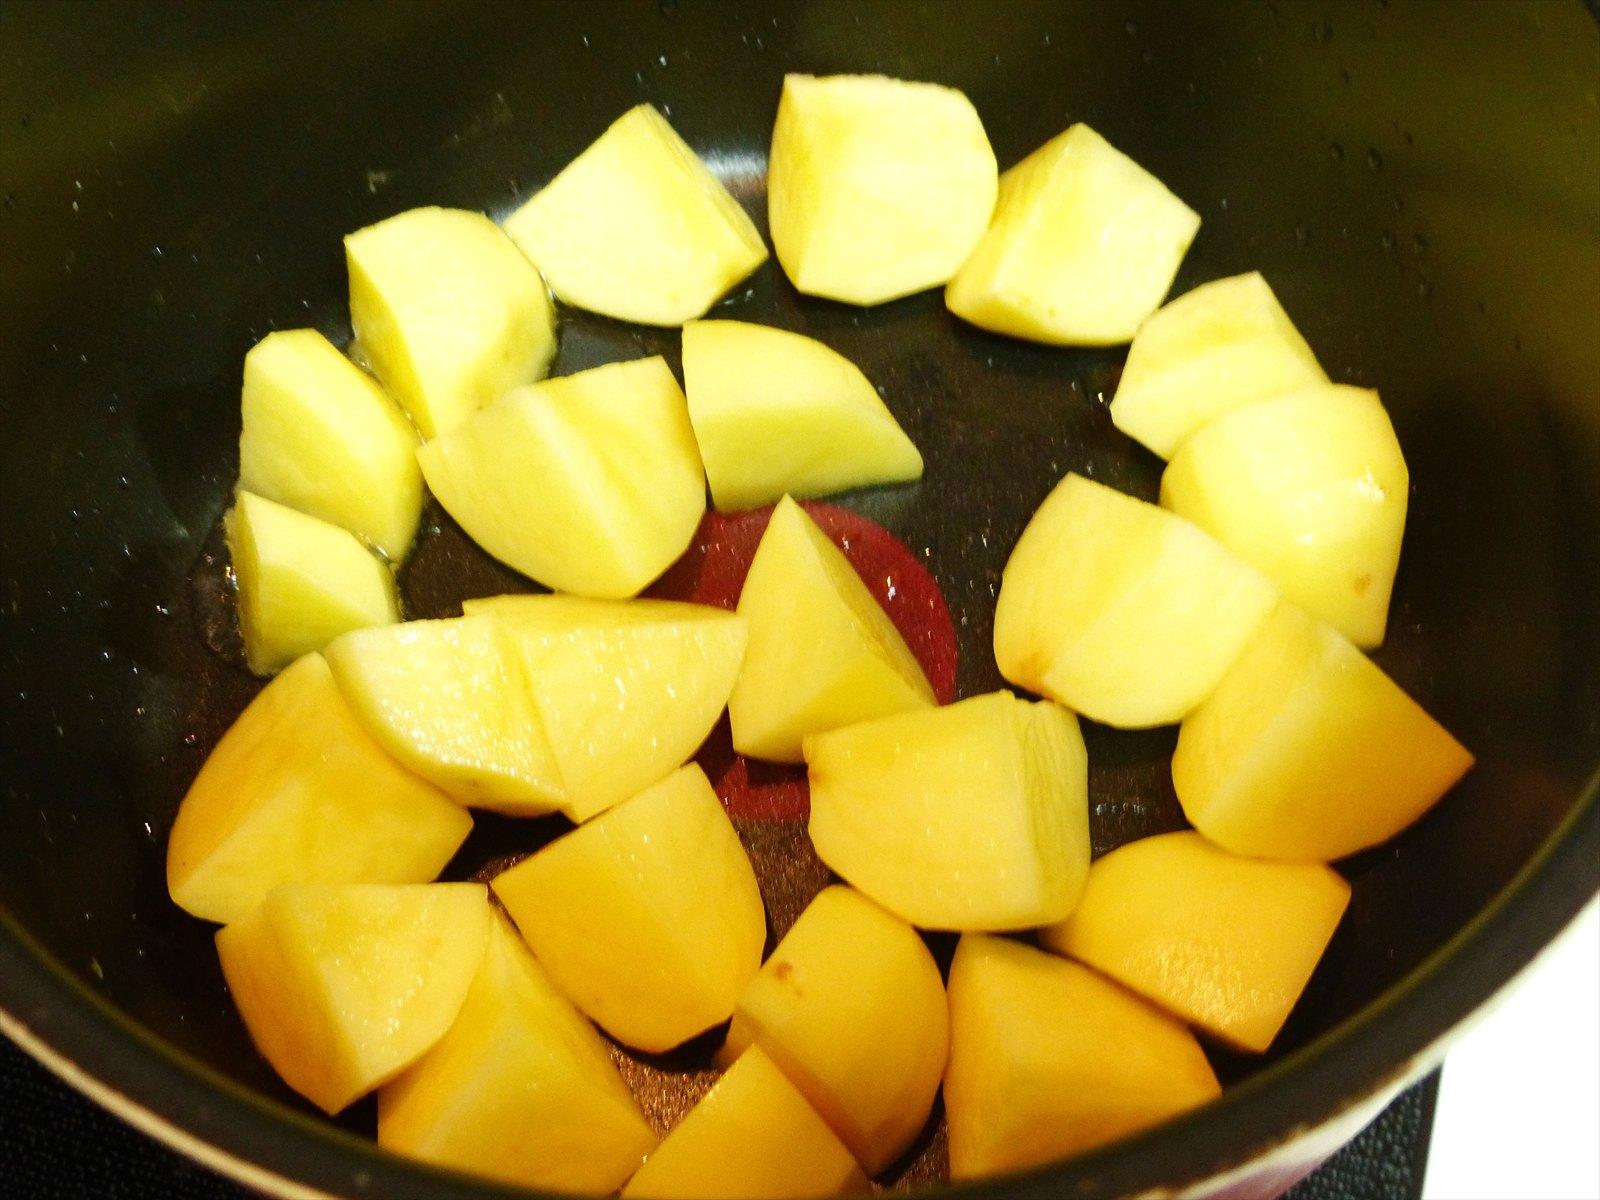 煮崩れを防ぐために、ジャガイモを炒めます。